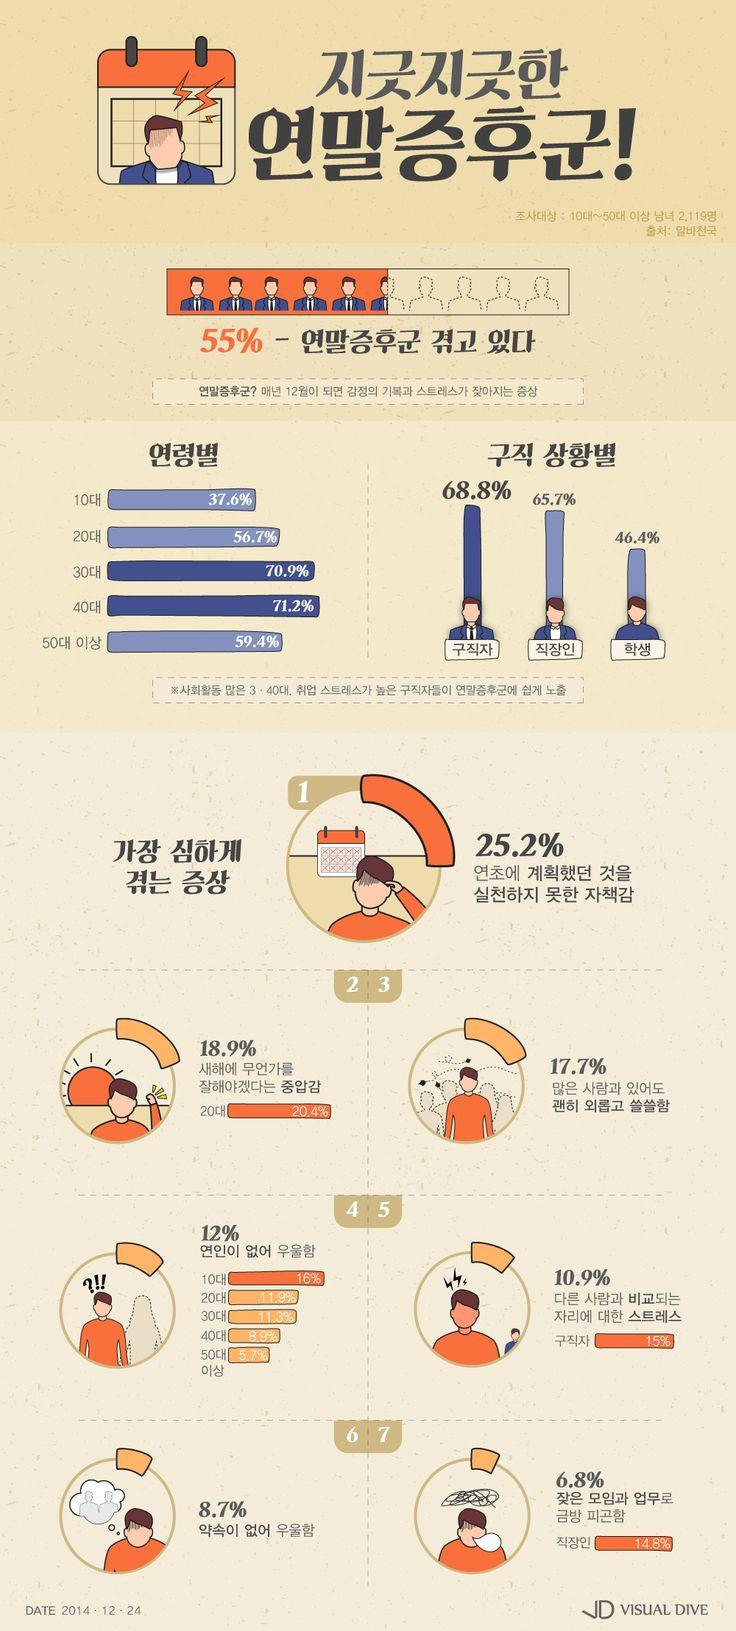 우리나라 남녀 절반이상 '연말증후군' 겪는다 [인포그래픽] #YearEnd / #Infographic ⓒ 비주얼다이브 무단 복사·전재·재배포 금지